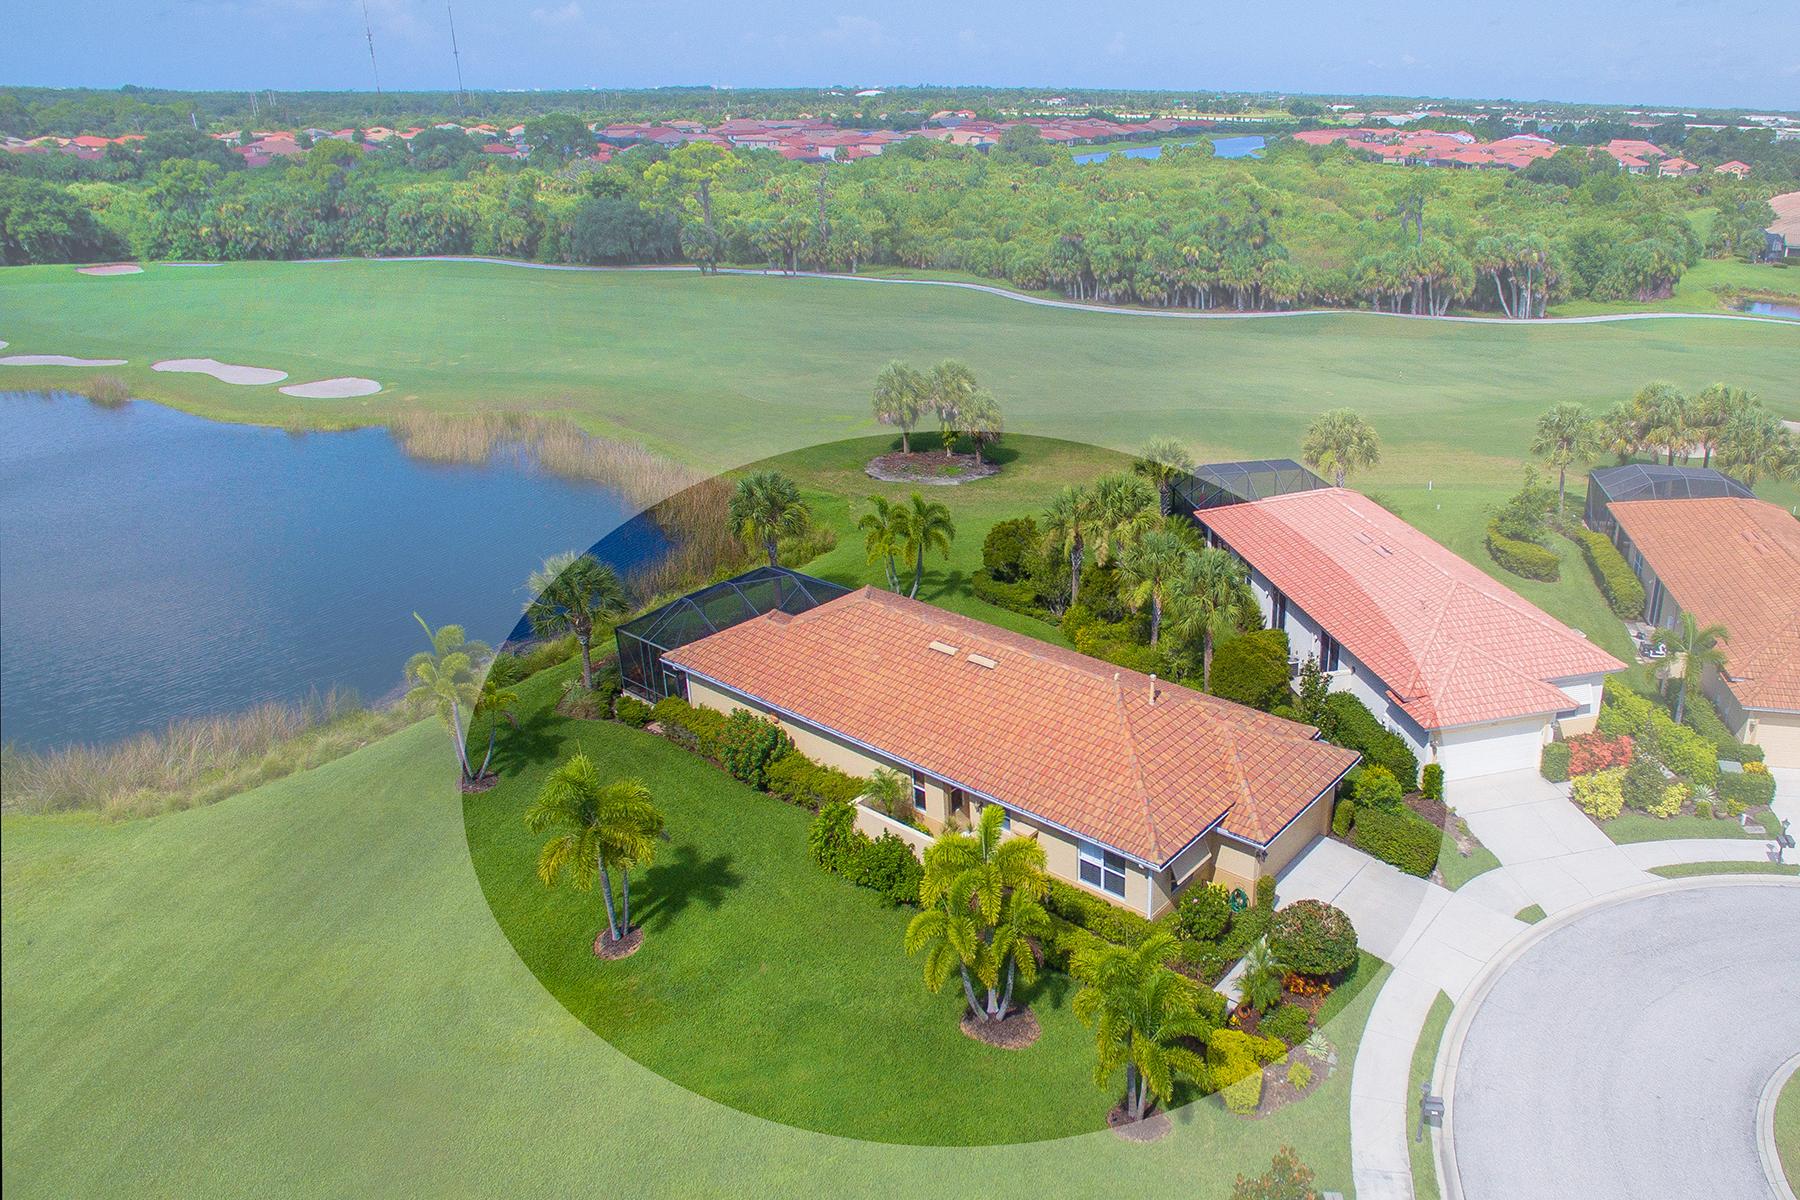 Casa Unifamiliar por un Venta en VENETIAN GOLF & RIVER CLUB 506 Montelluna Dr North Venice, Florida, 34275 Estados Unidos